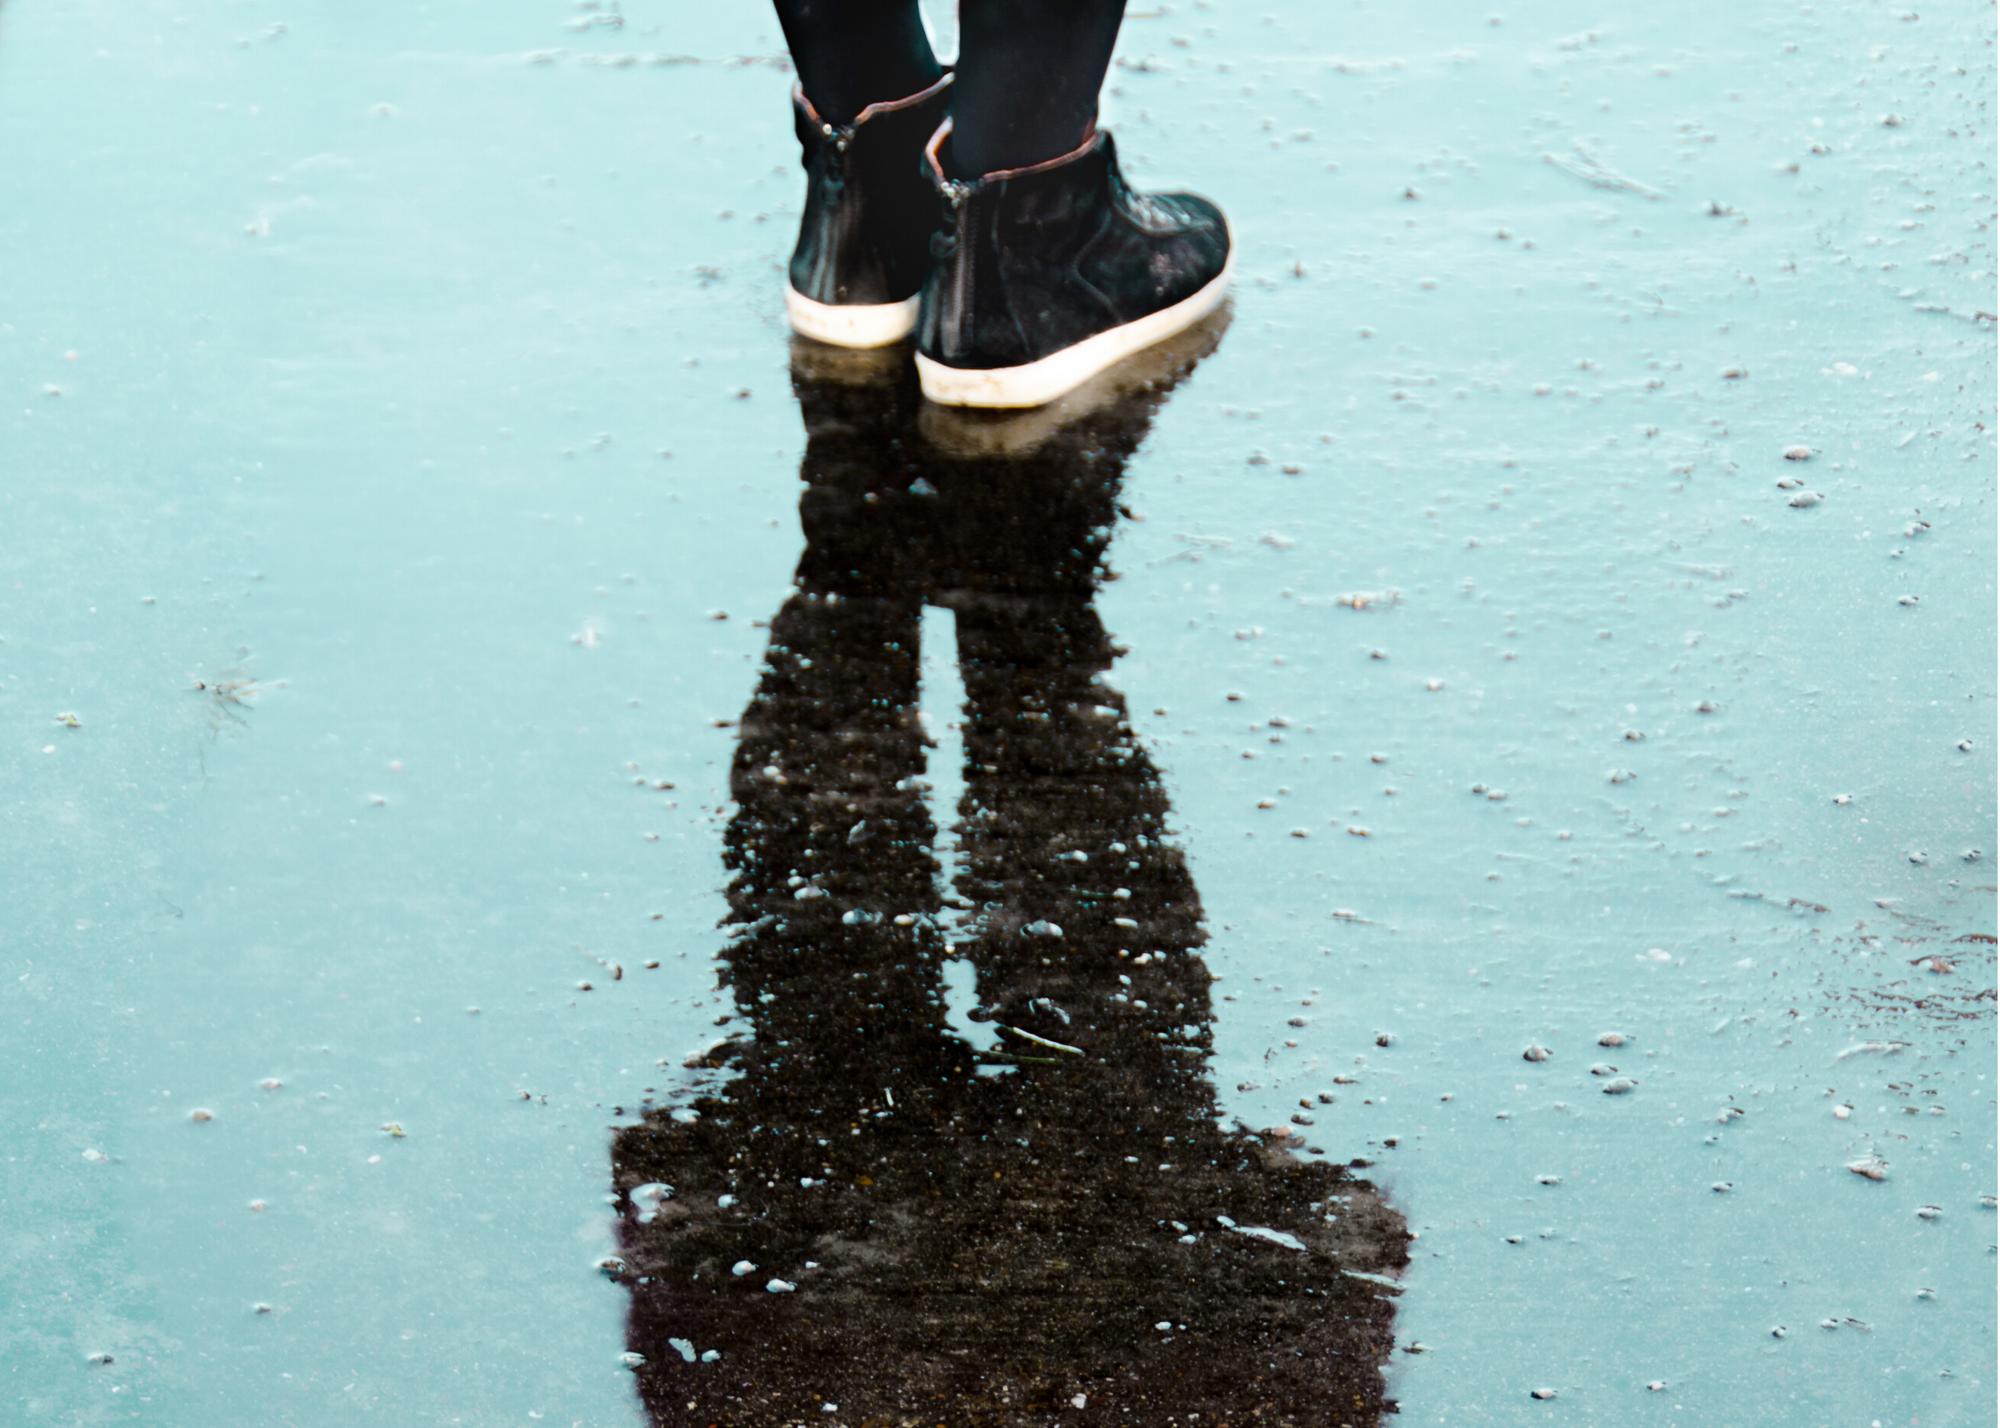 Woman in rain